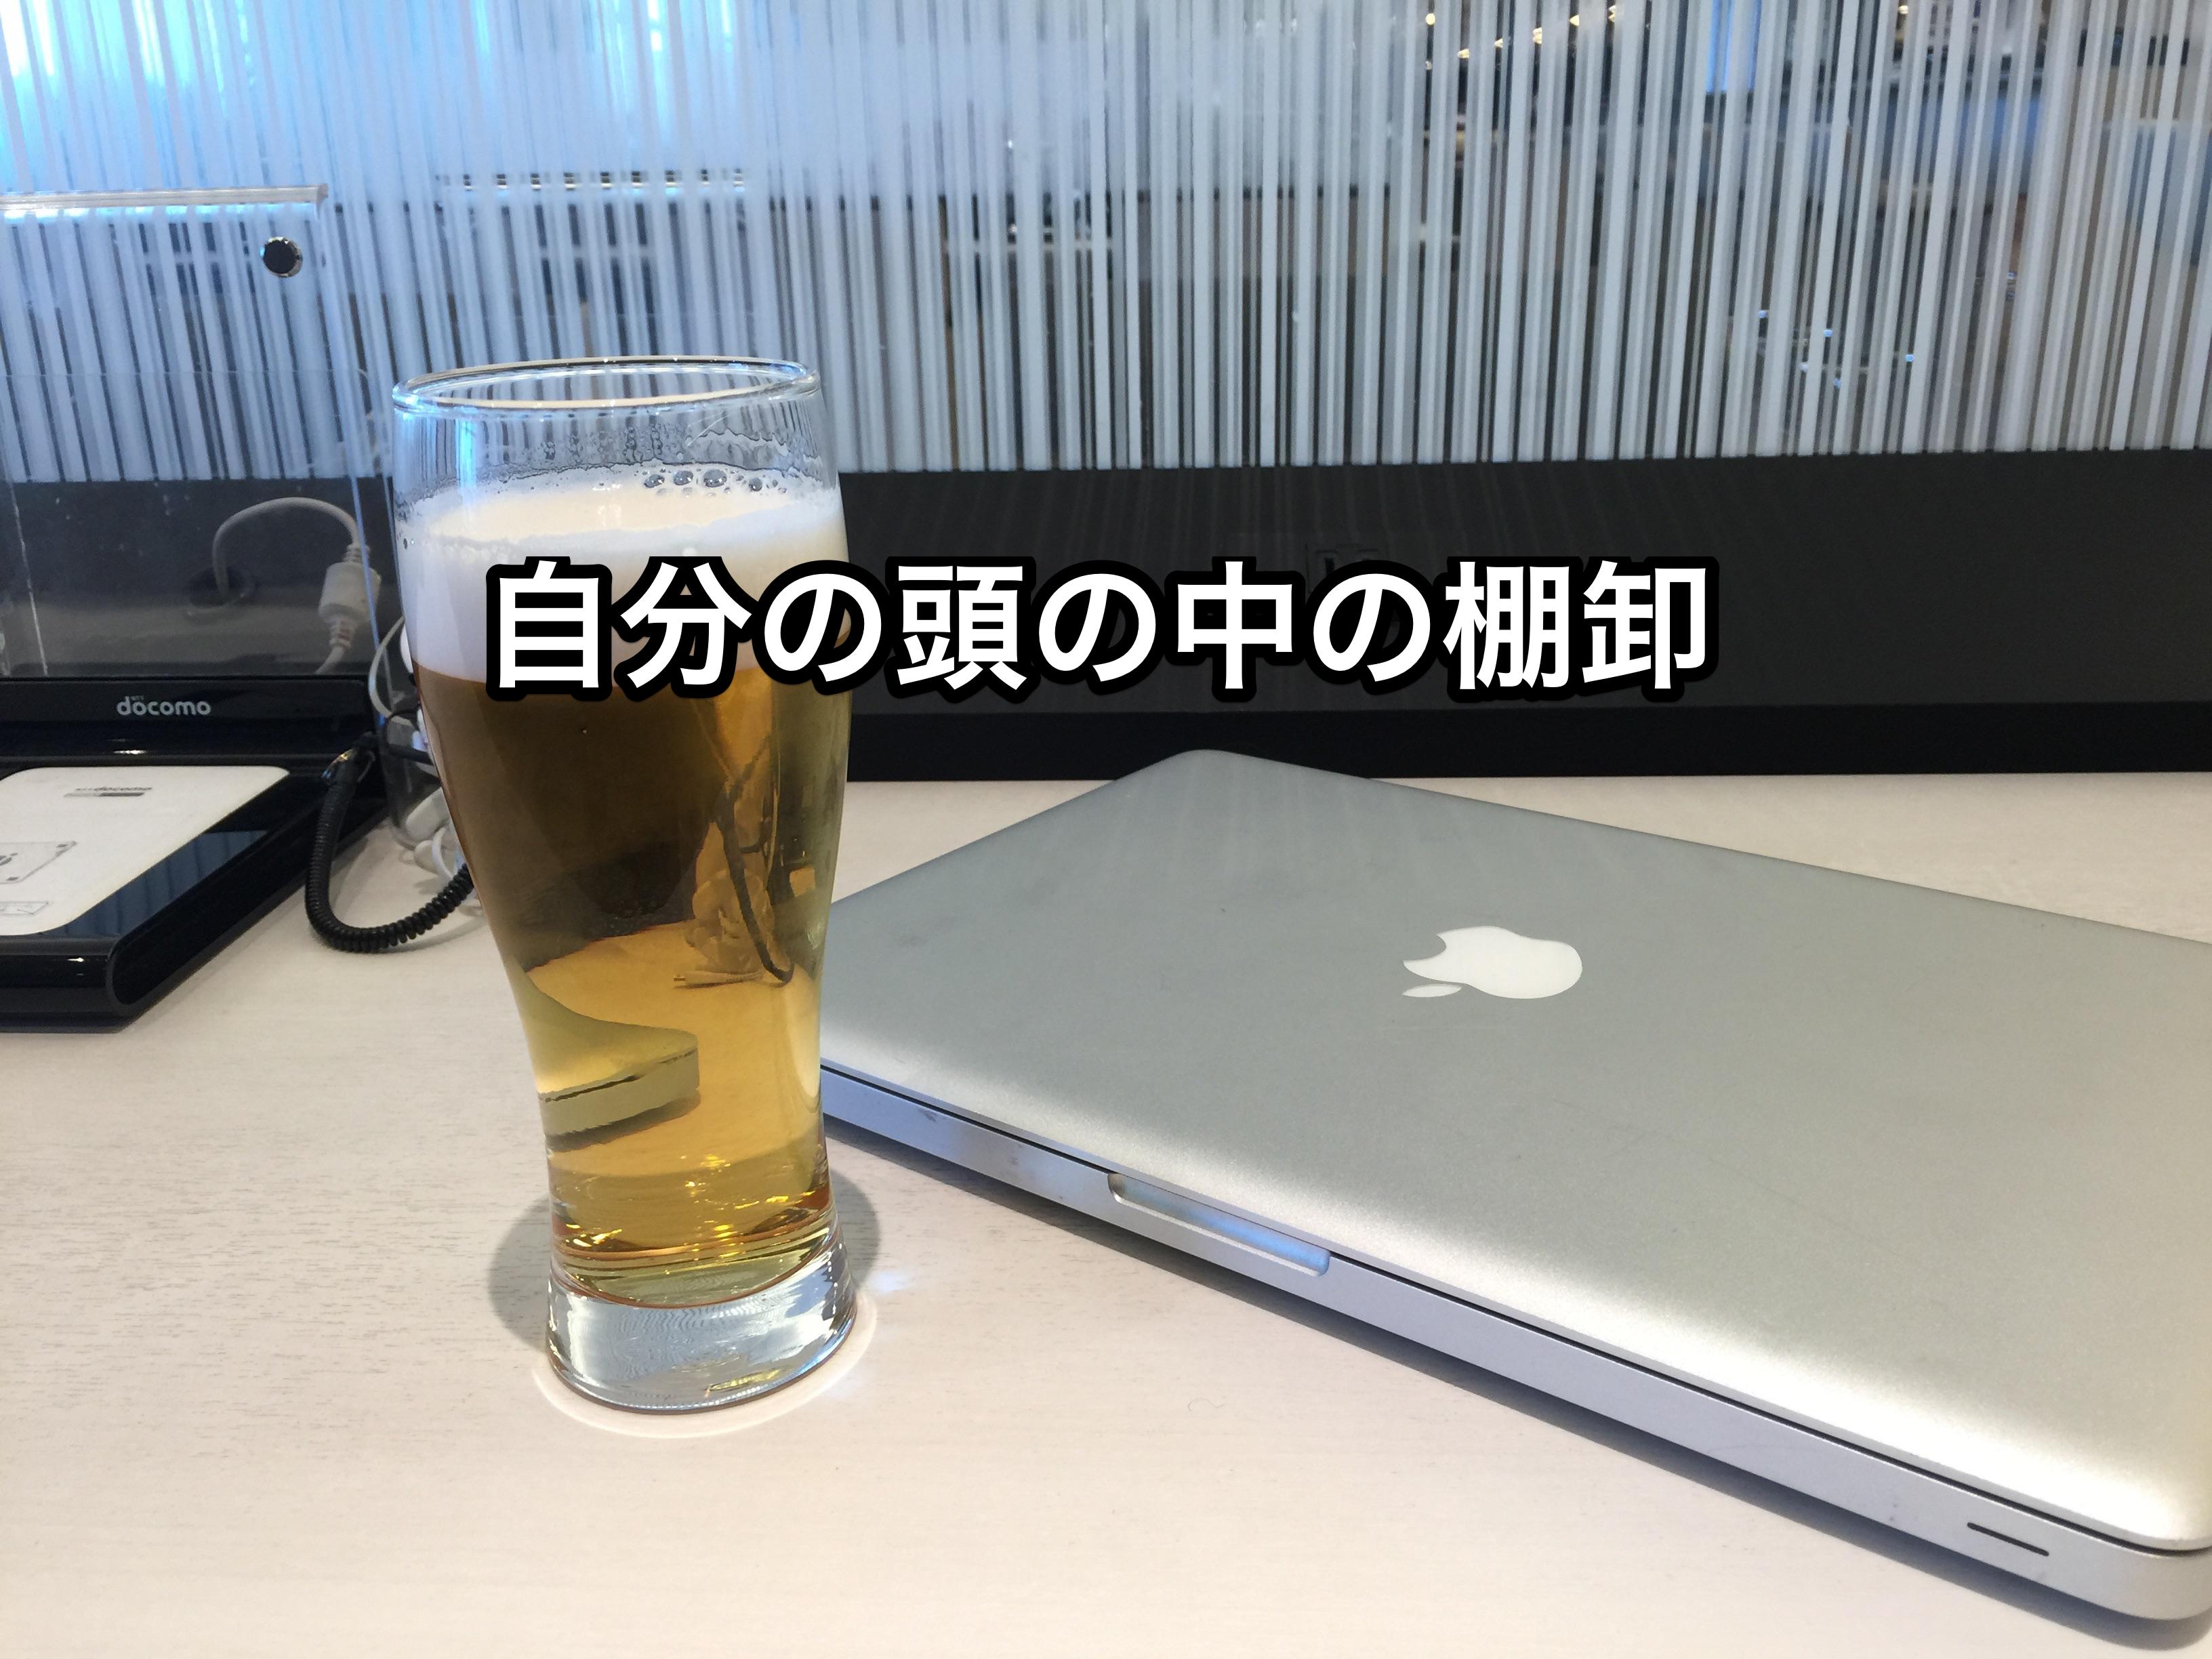 今年の夏に横浜から奈良へ引っ越すことにしました